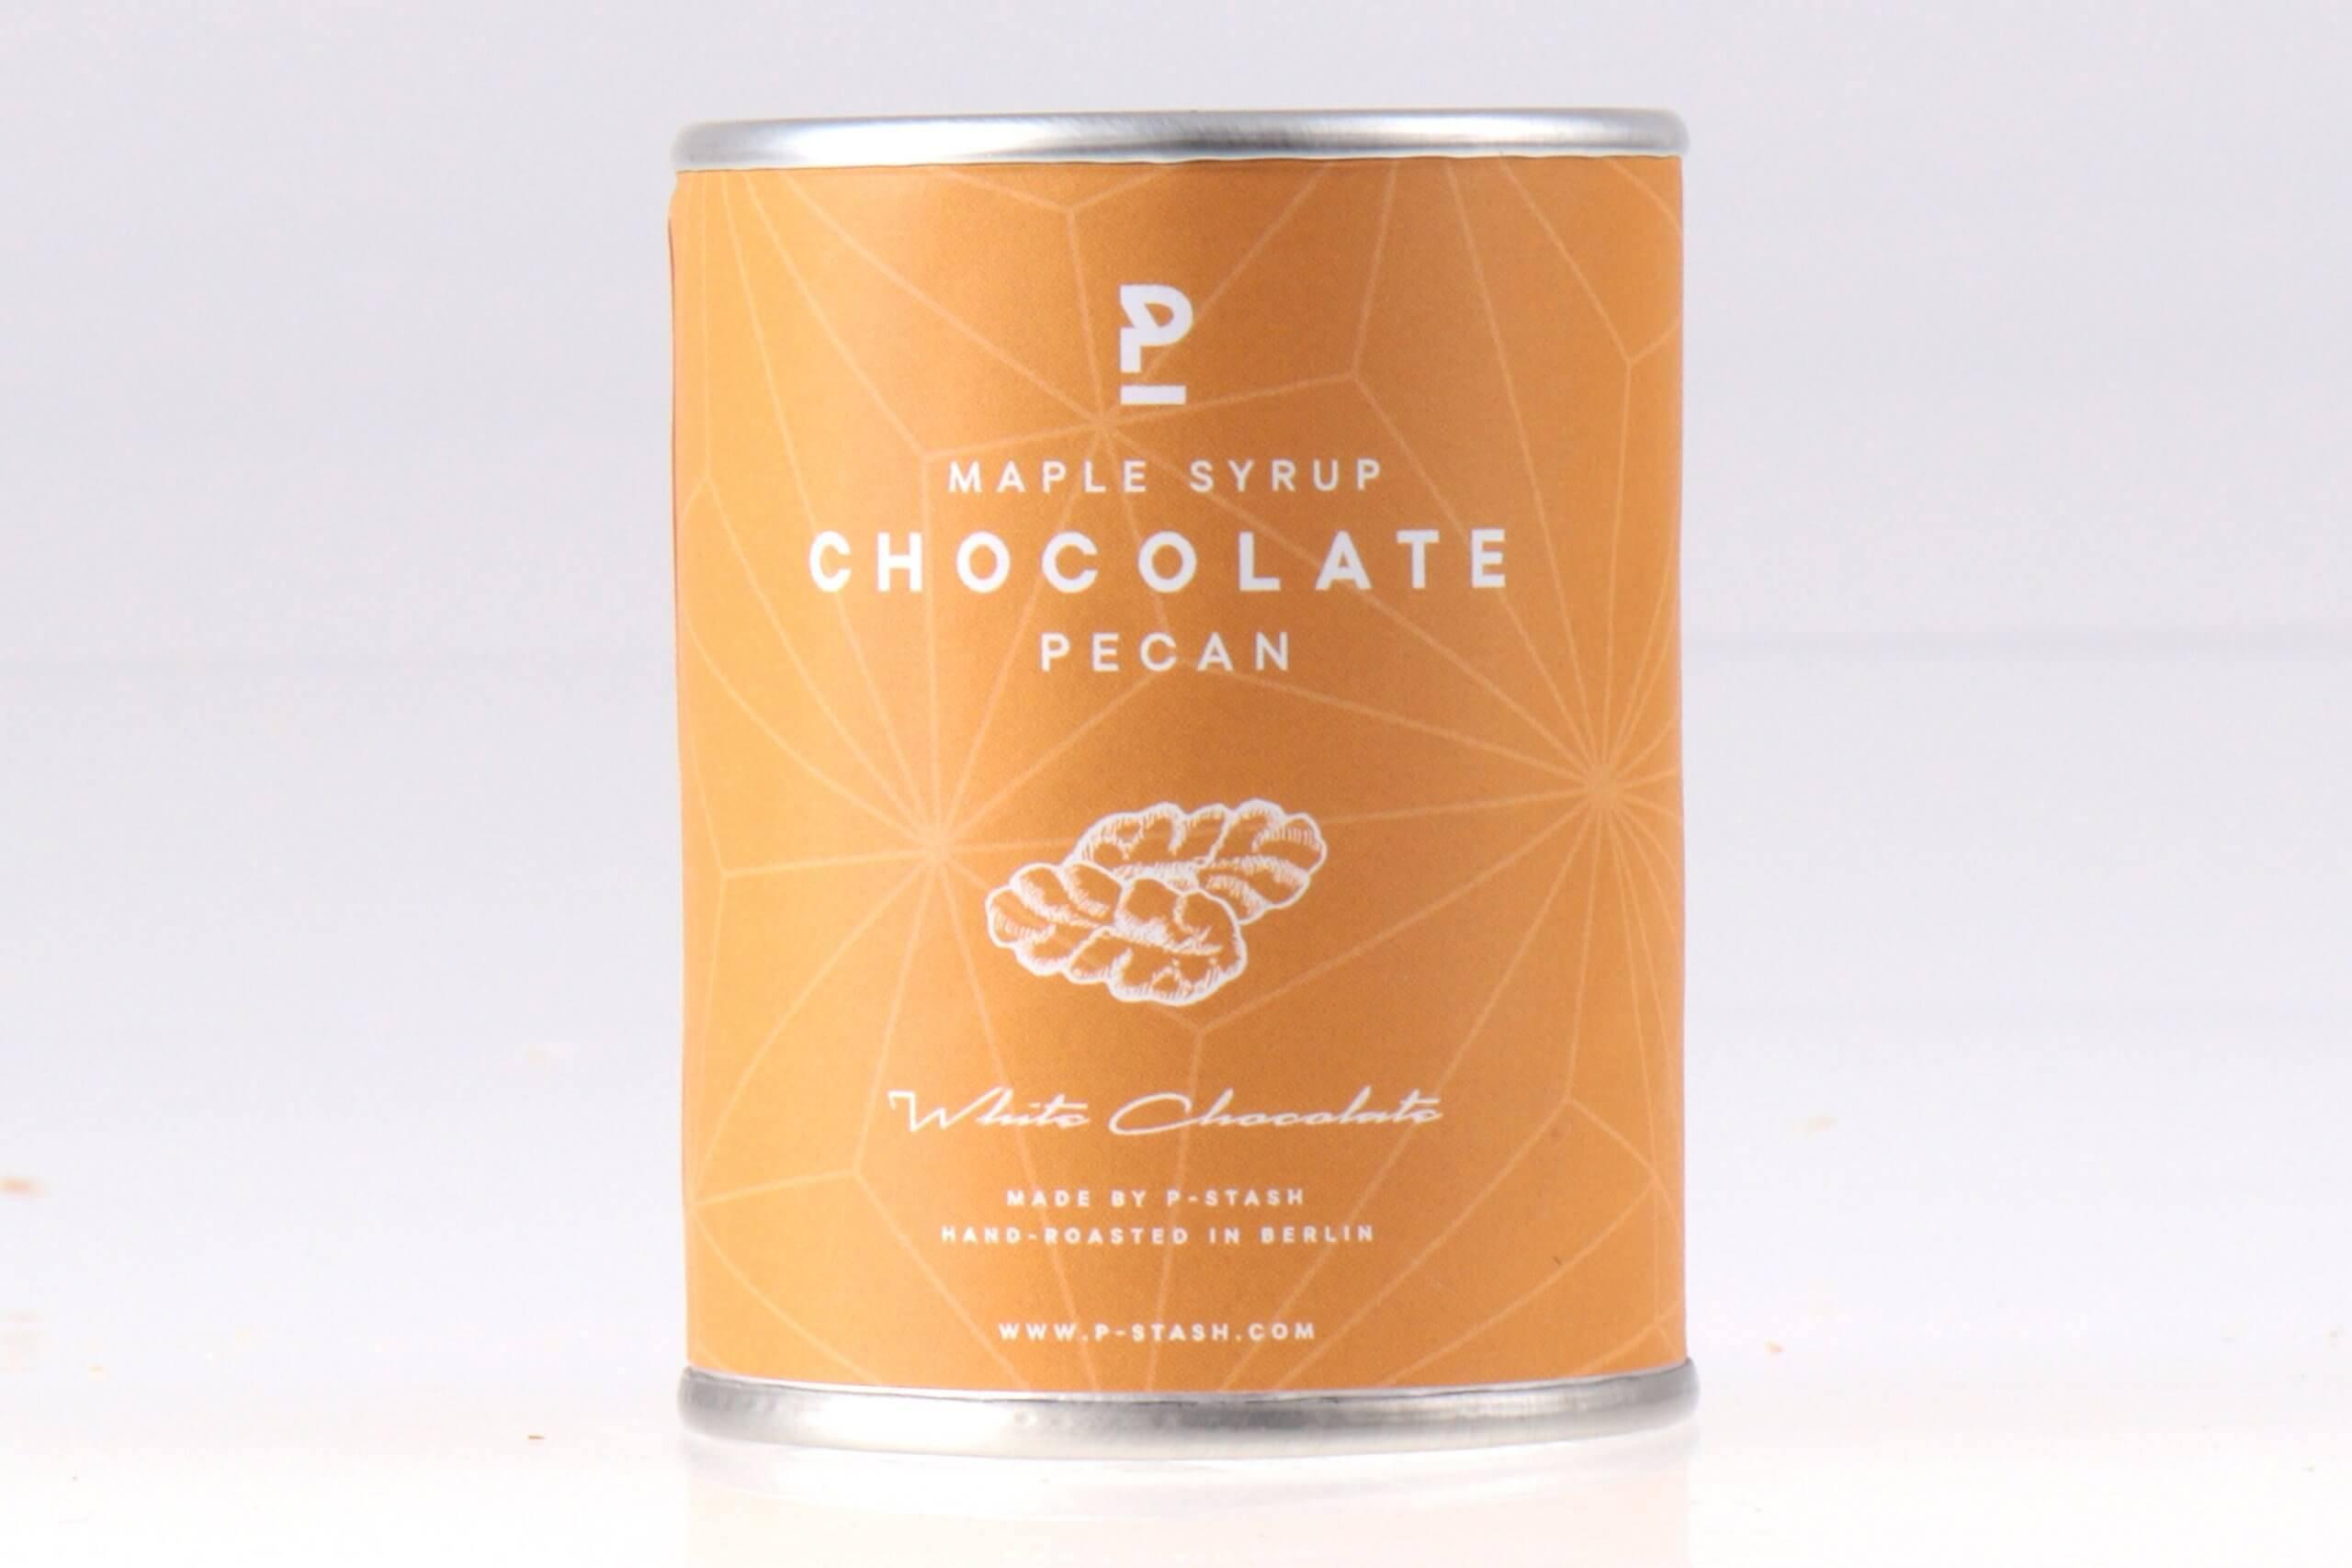 Pekannuss Schokolade und Ahornsirup von feinjemacht kaufen